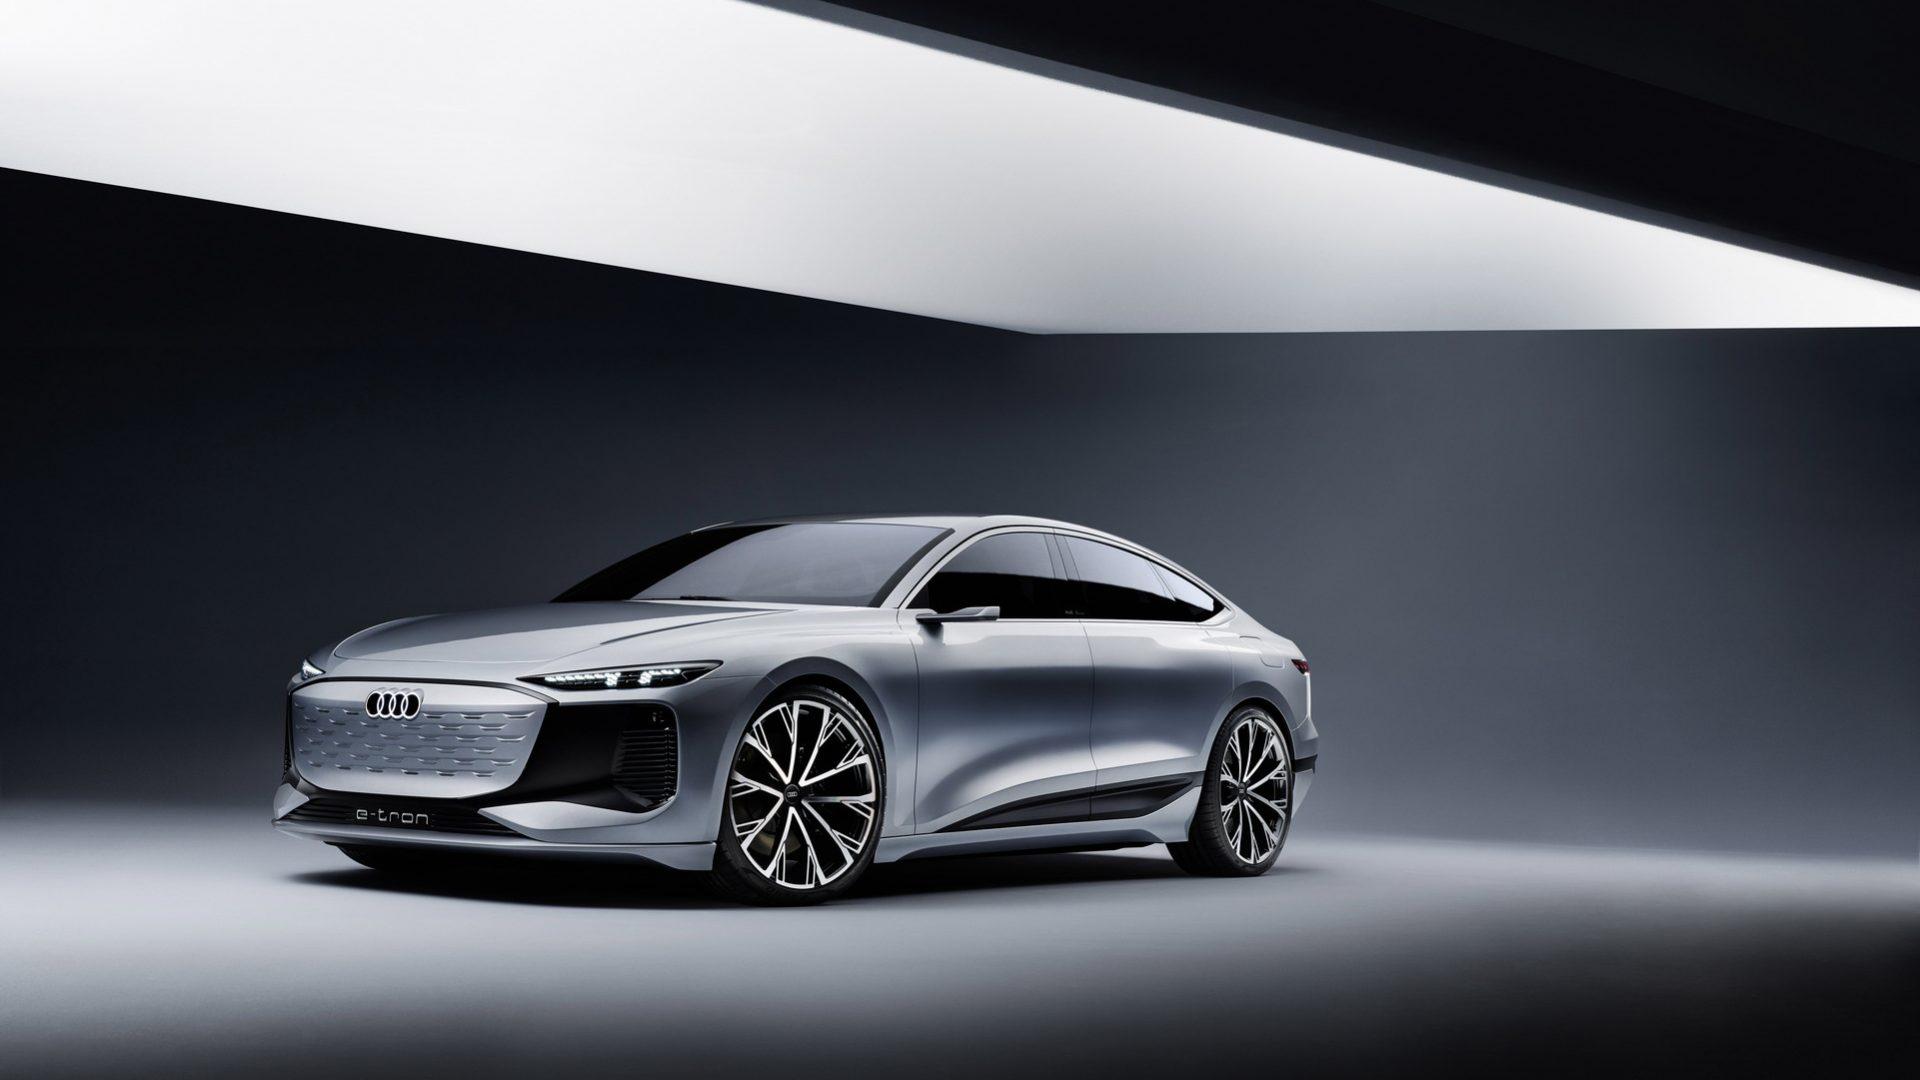 2021-Audi-A6-e-tron-Concept-01